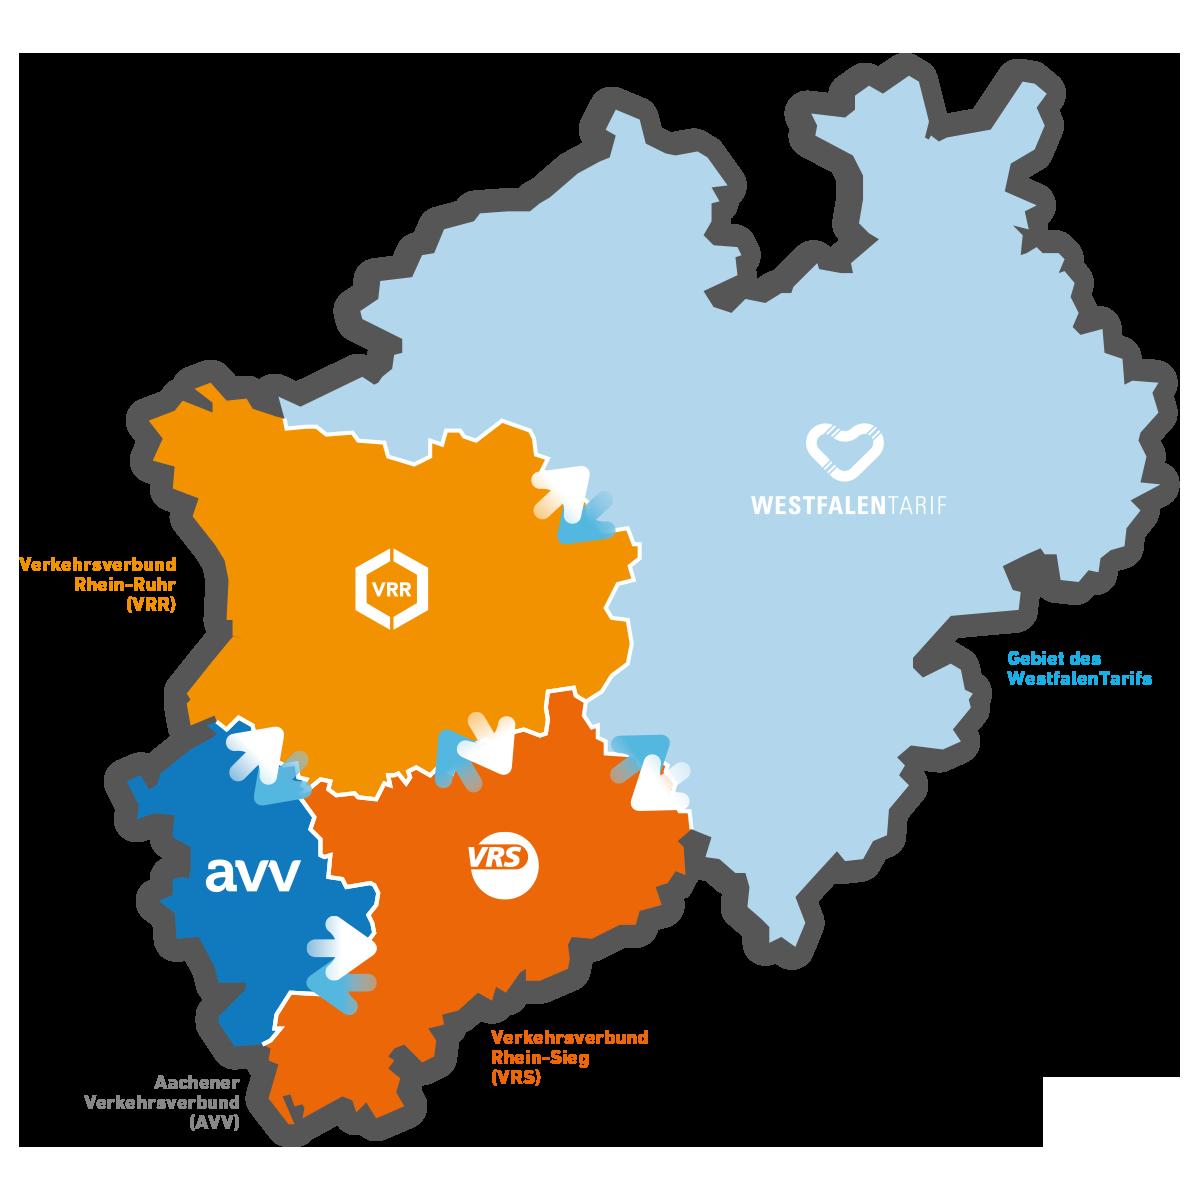 Übersichtskarte, die die vier Tarifgebiete in NRW in unterschiedlichen Farben zeigt. Alle Gebiete sind mit Pfeilen verbunden.